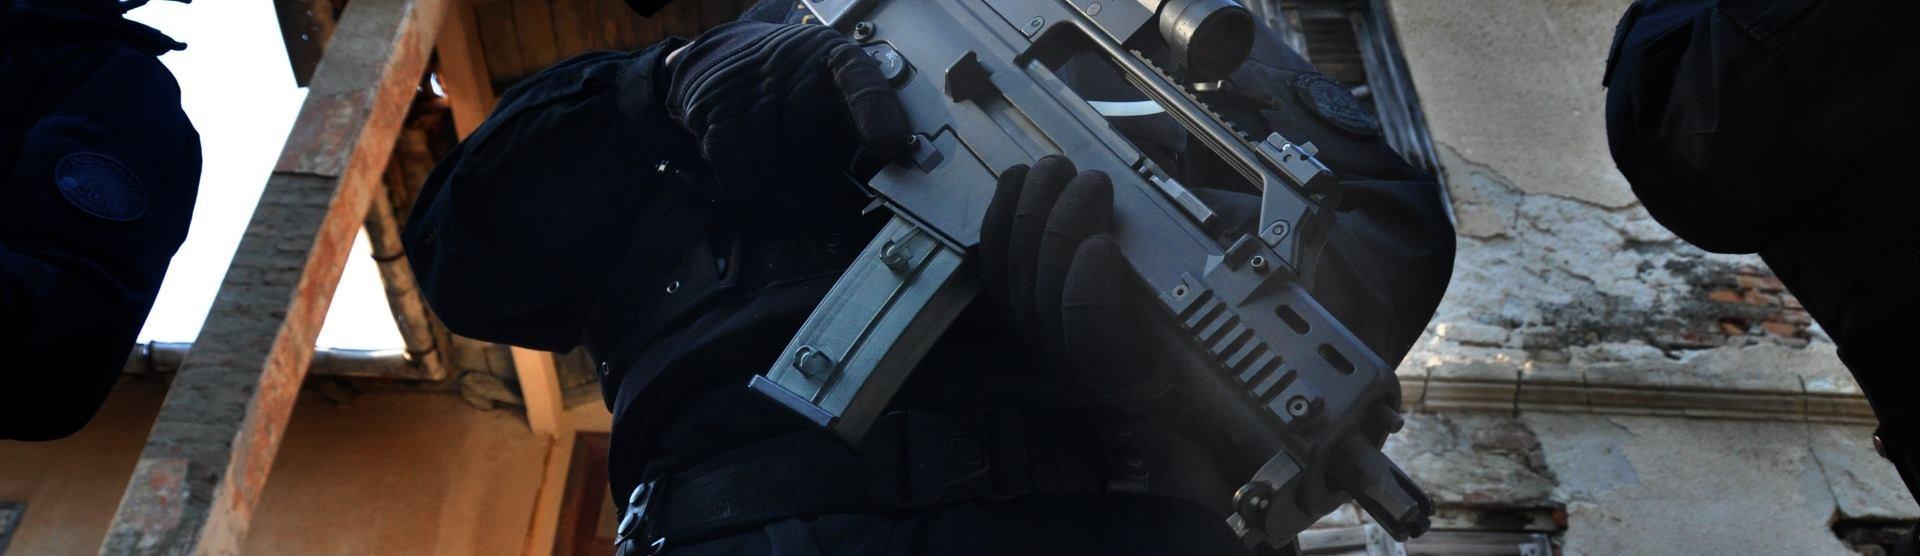 BORBA PROTIV TERORIZMA: Američki general pozvao BiH na jaču suradnju protiv terorozma